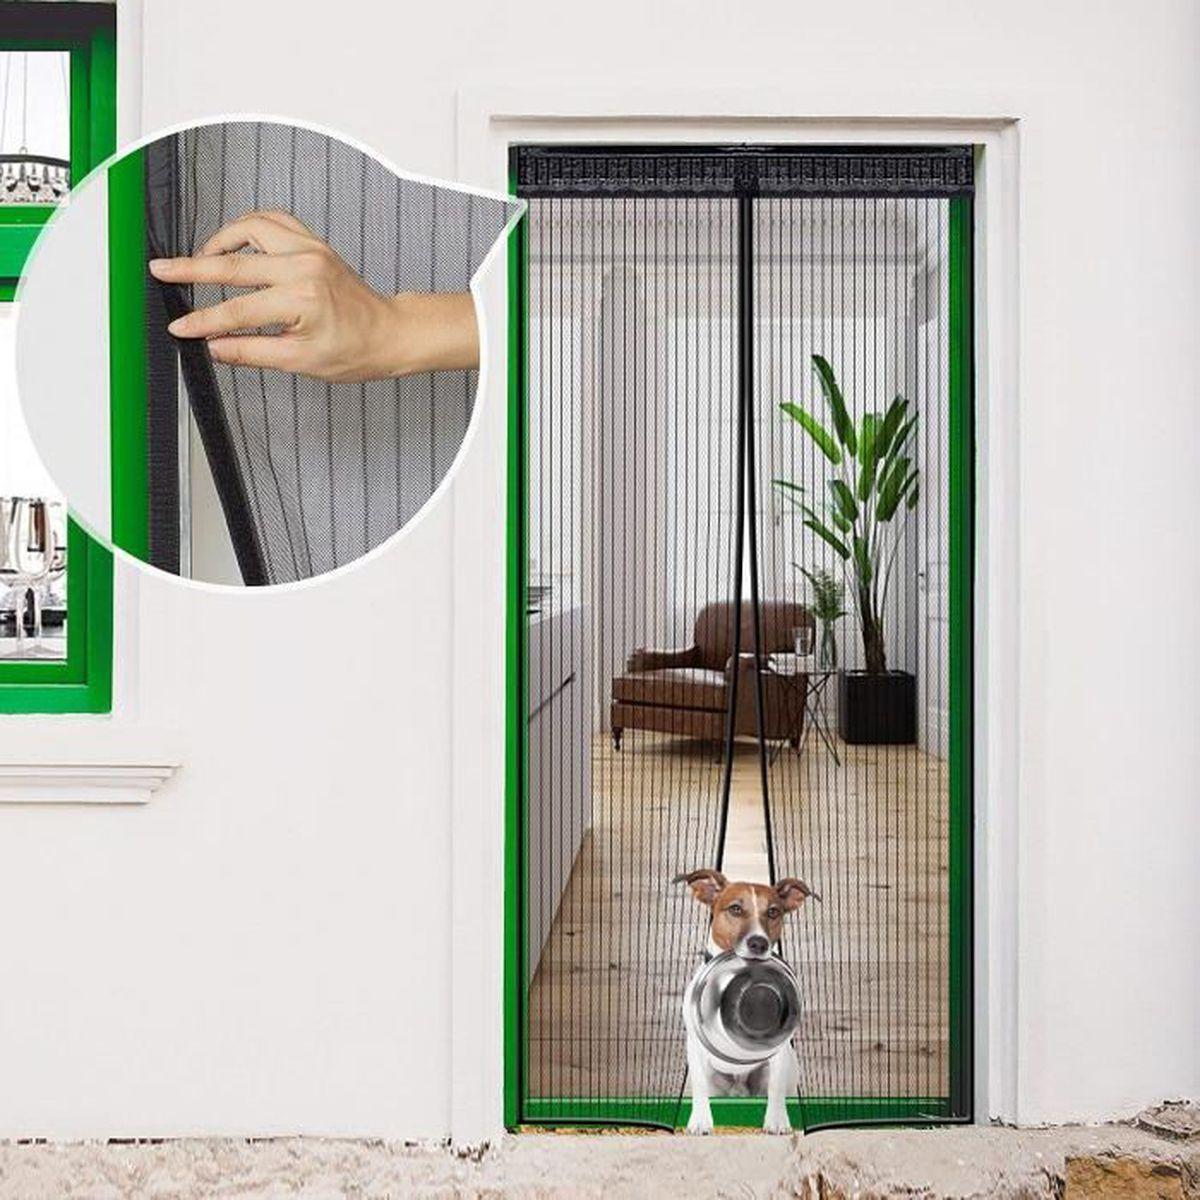 Porte Entr/ée Int/érieur pour Portes Patio Magn/étique Moustiquaire/Porte Noir Couloirs anti Insecte Mouche Facile /à Installer Sans Percer